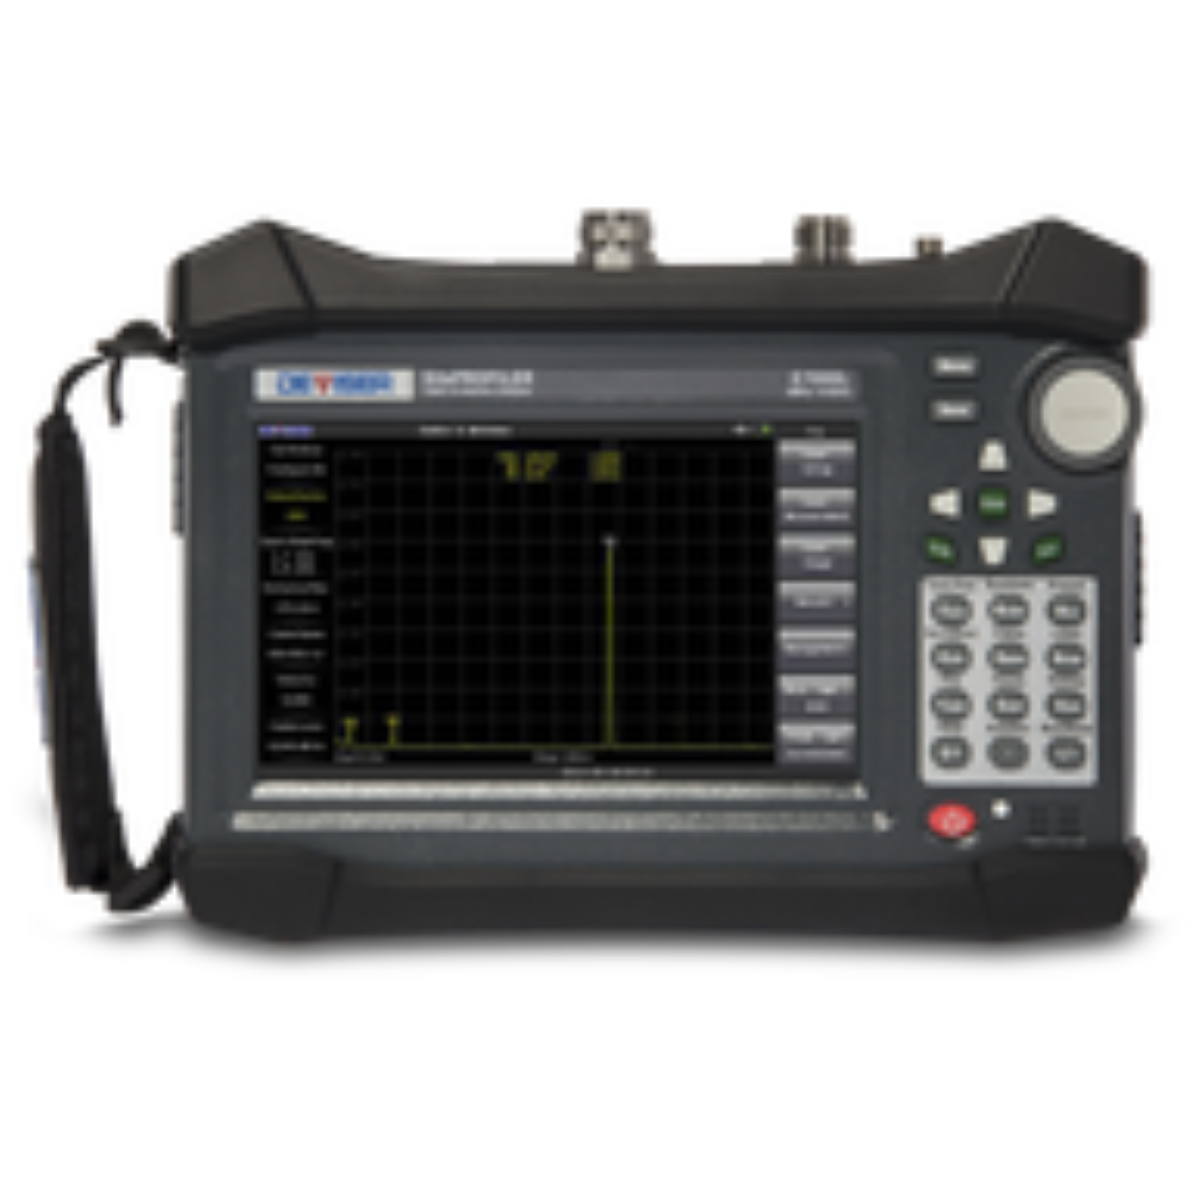 Analizador de Celda para cables antenas y espectro DEVISER E7000L-SA   1 MHz a 4 GHz